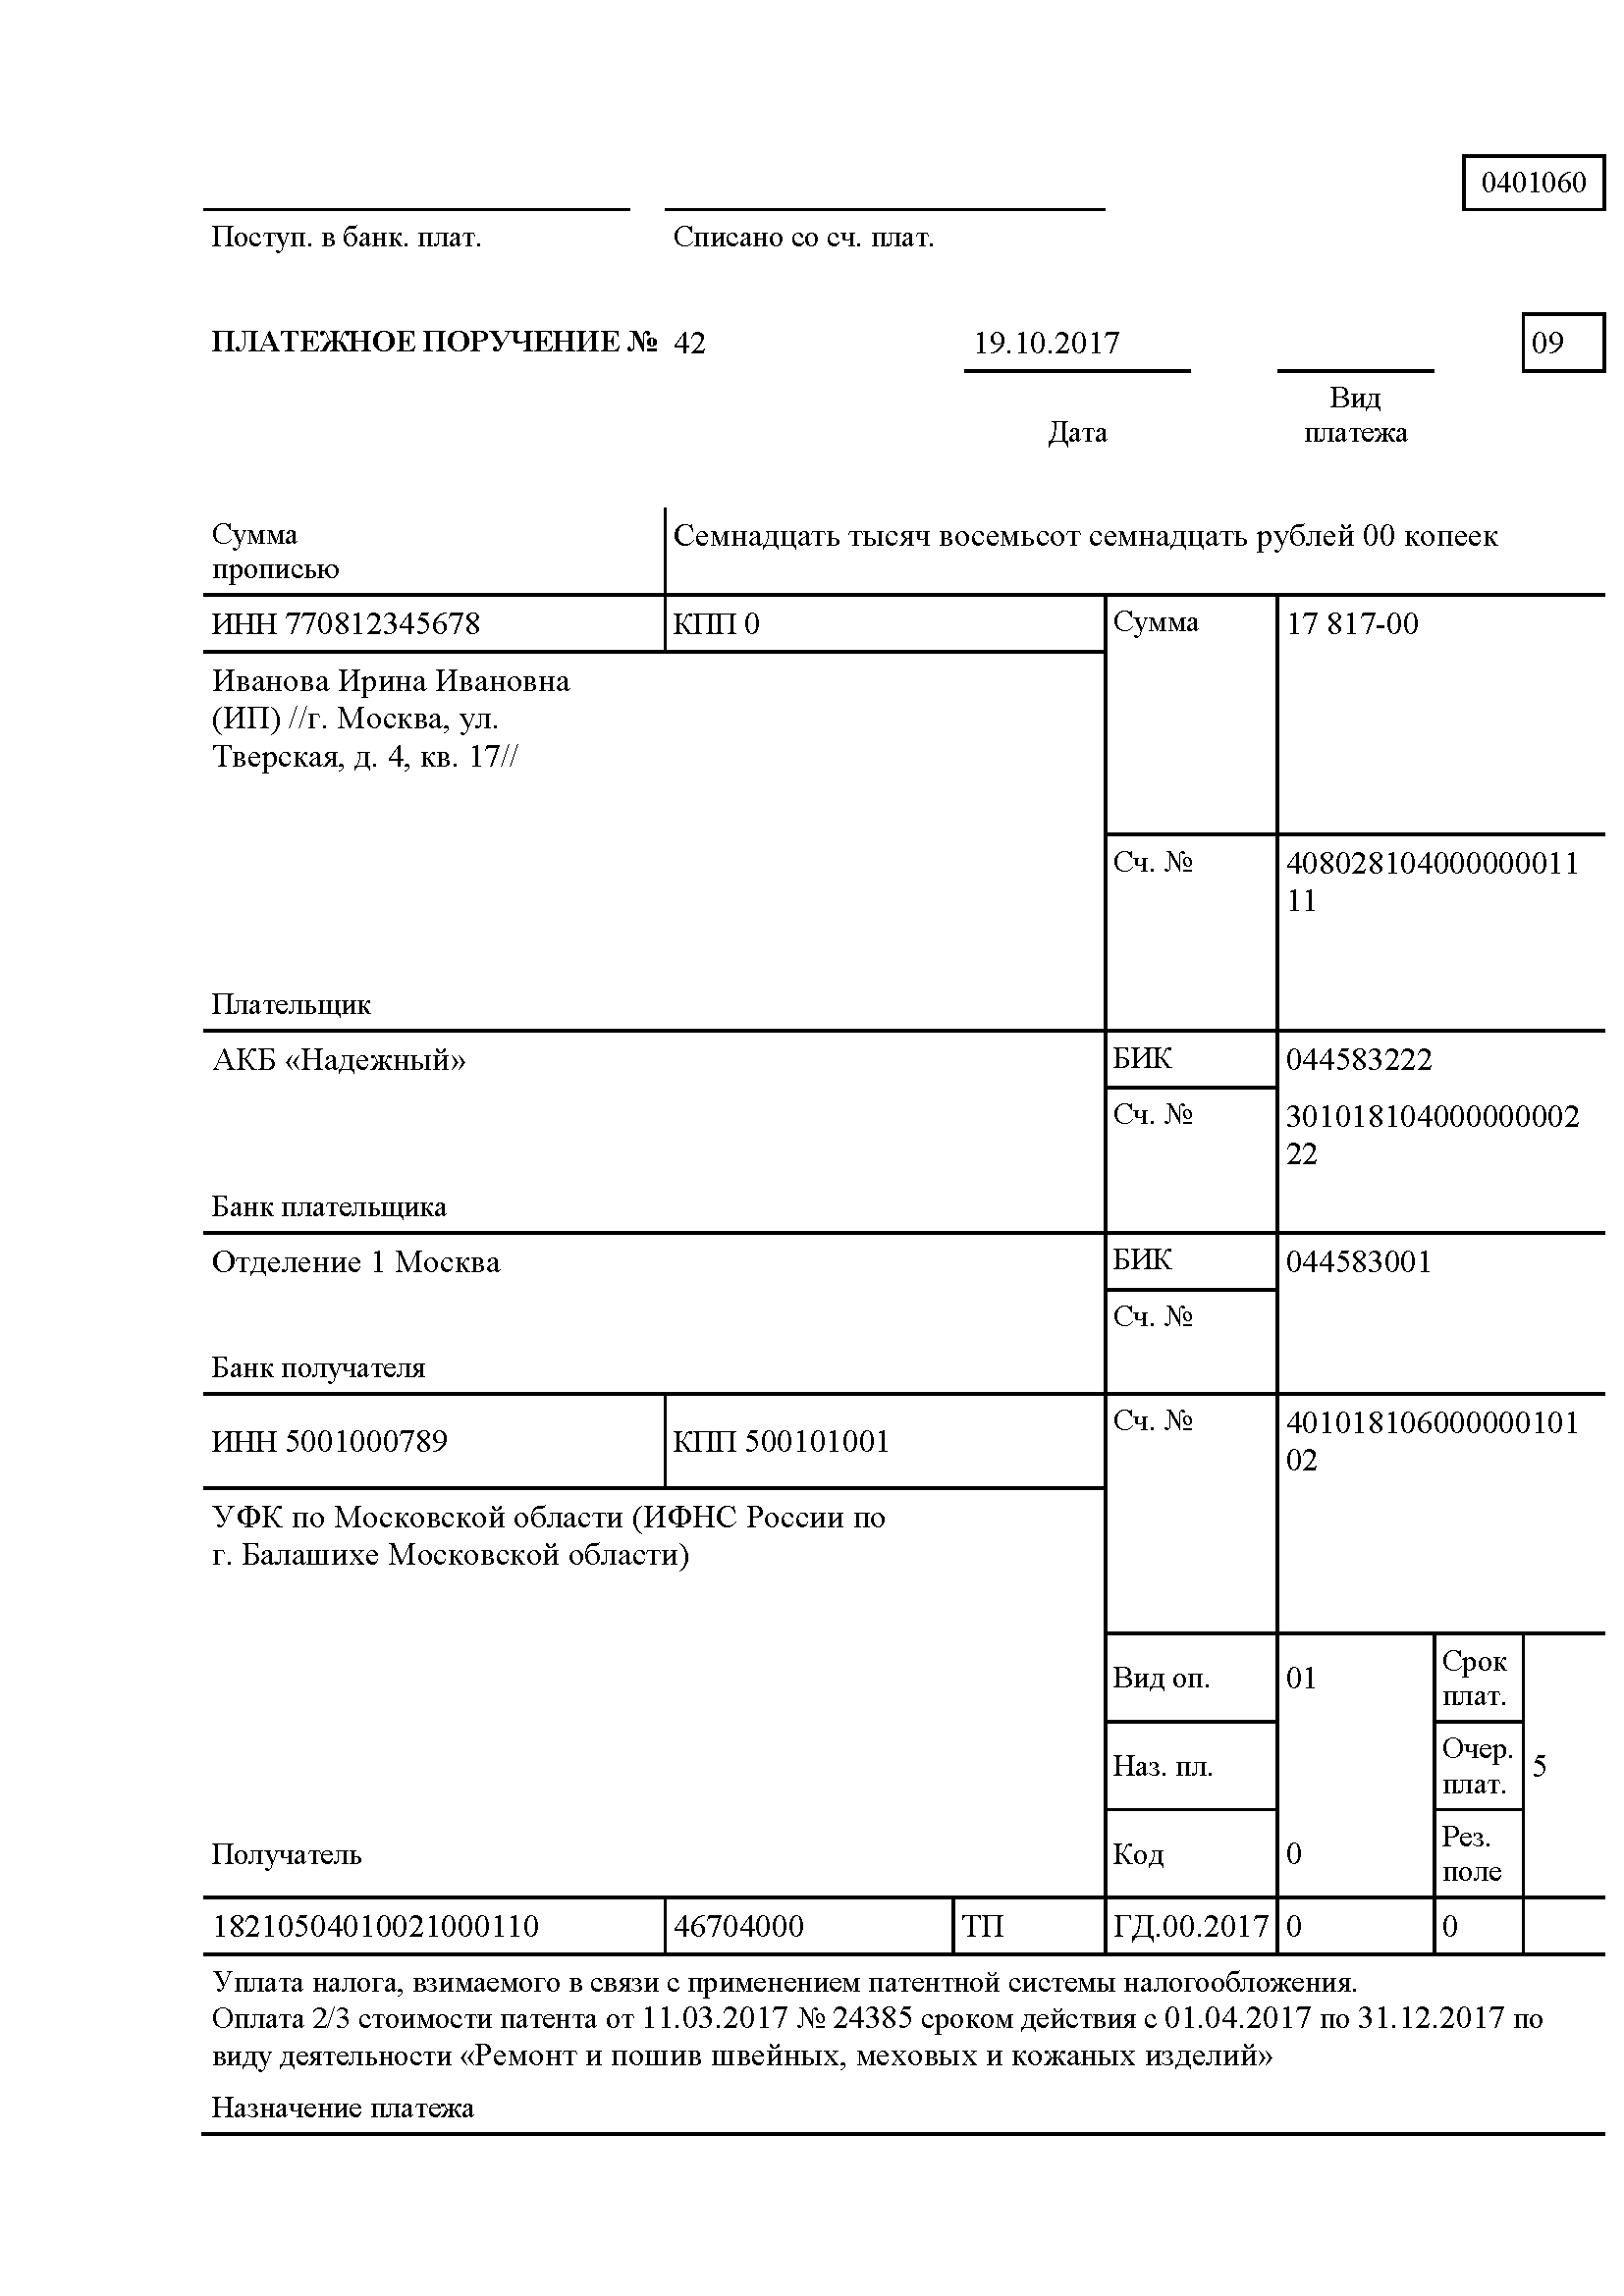 Оквэд для патента производство монтажных электромонтажных работ штраф за медицинскую книжку сумма